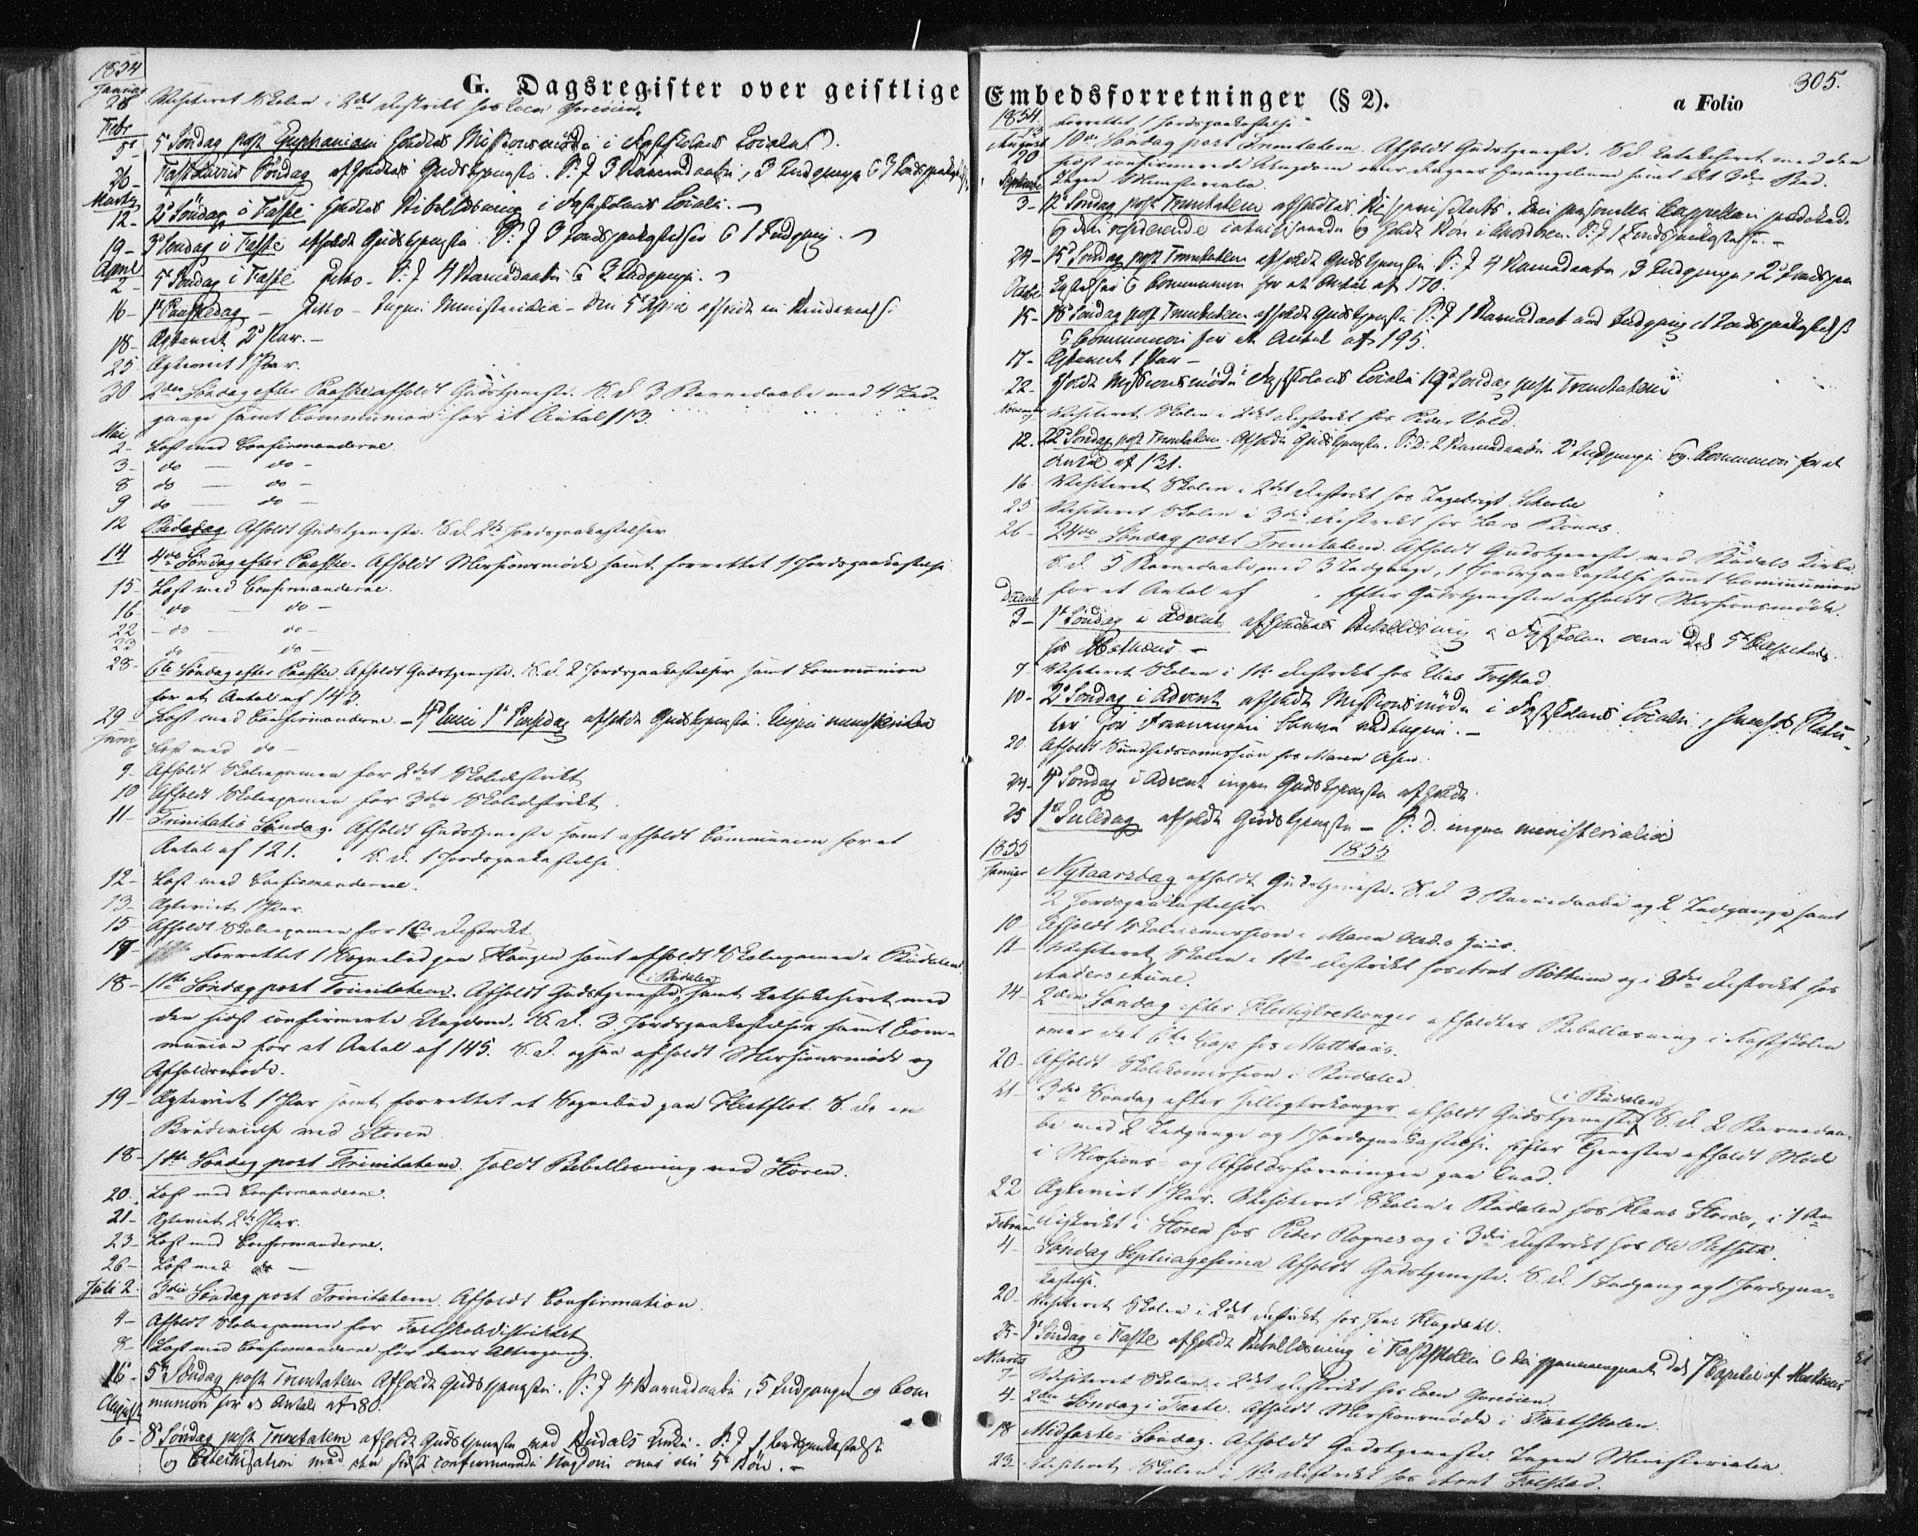 SAT, Ministerialprotokoller, klokkerbøker og fødselsregistre - Sør-Trøndelag, 687/L1000: Ministerialbok nr. 687A06, 1848-1869, s. 305